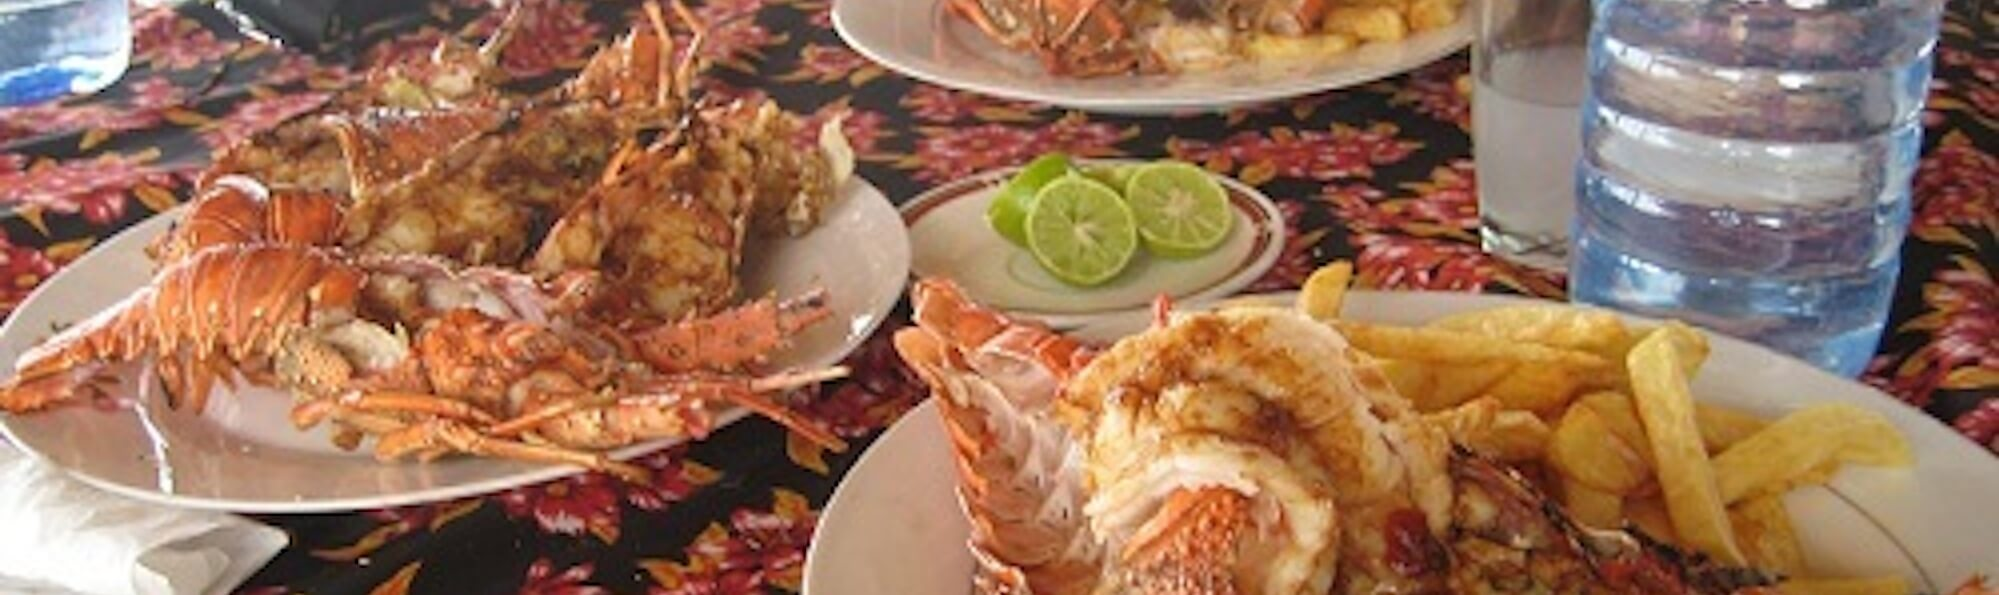 Join us for dinner...